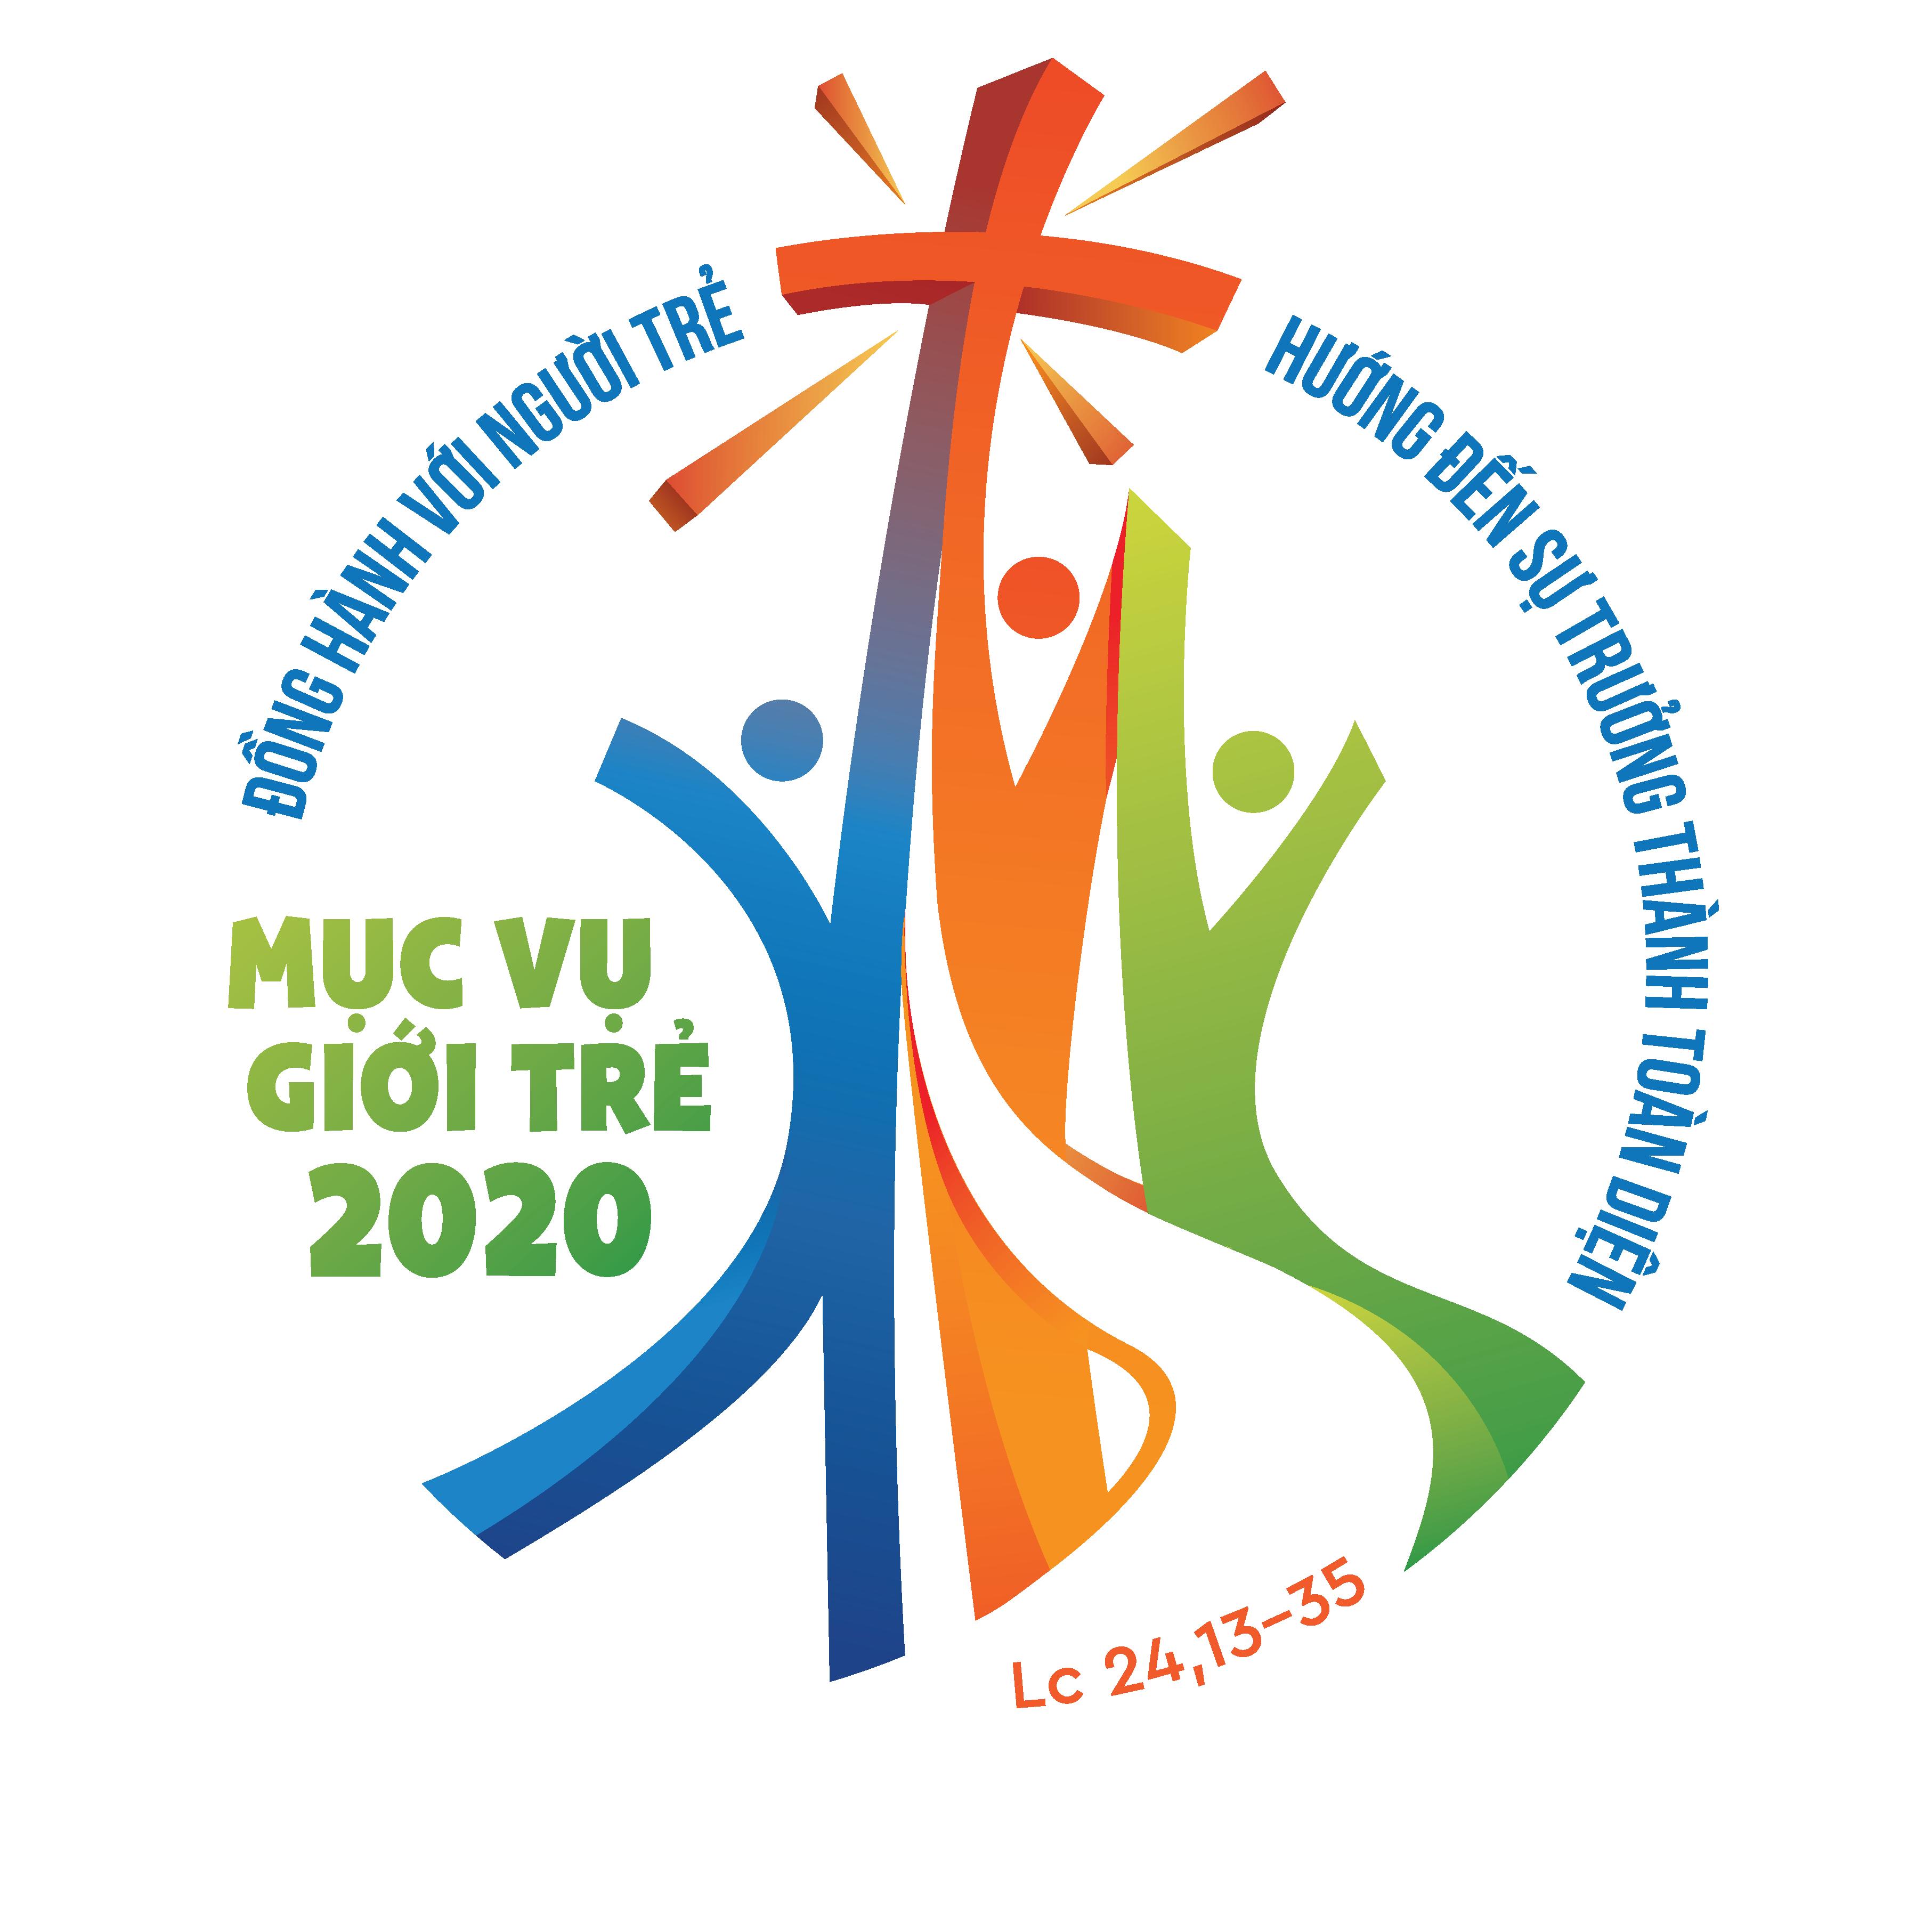 Công Bố Logo Năm Giới Trẻ 2020